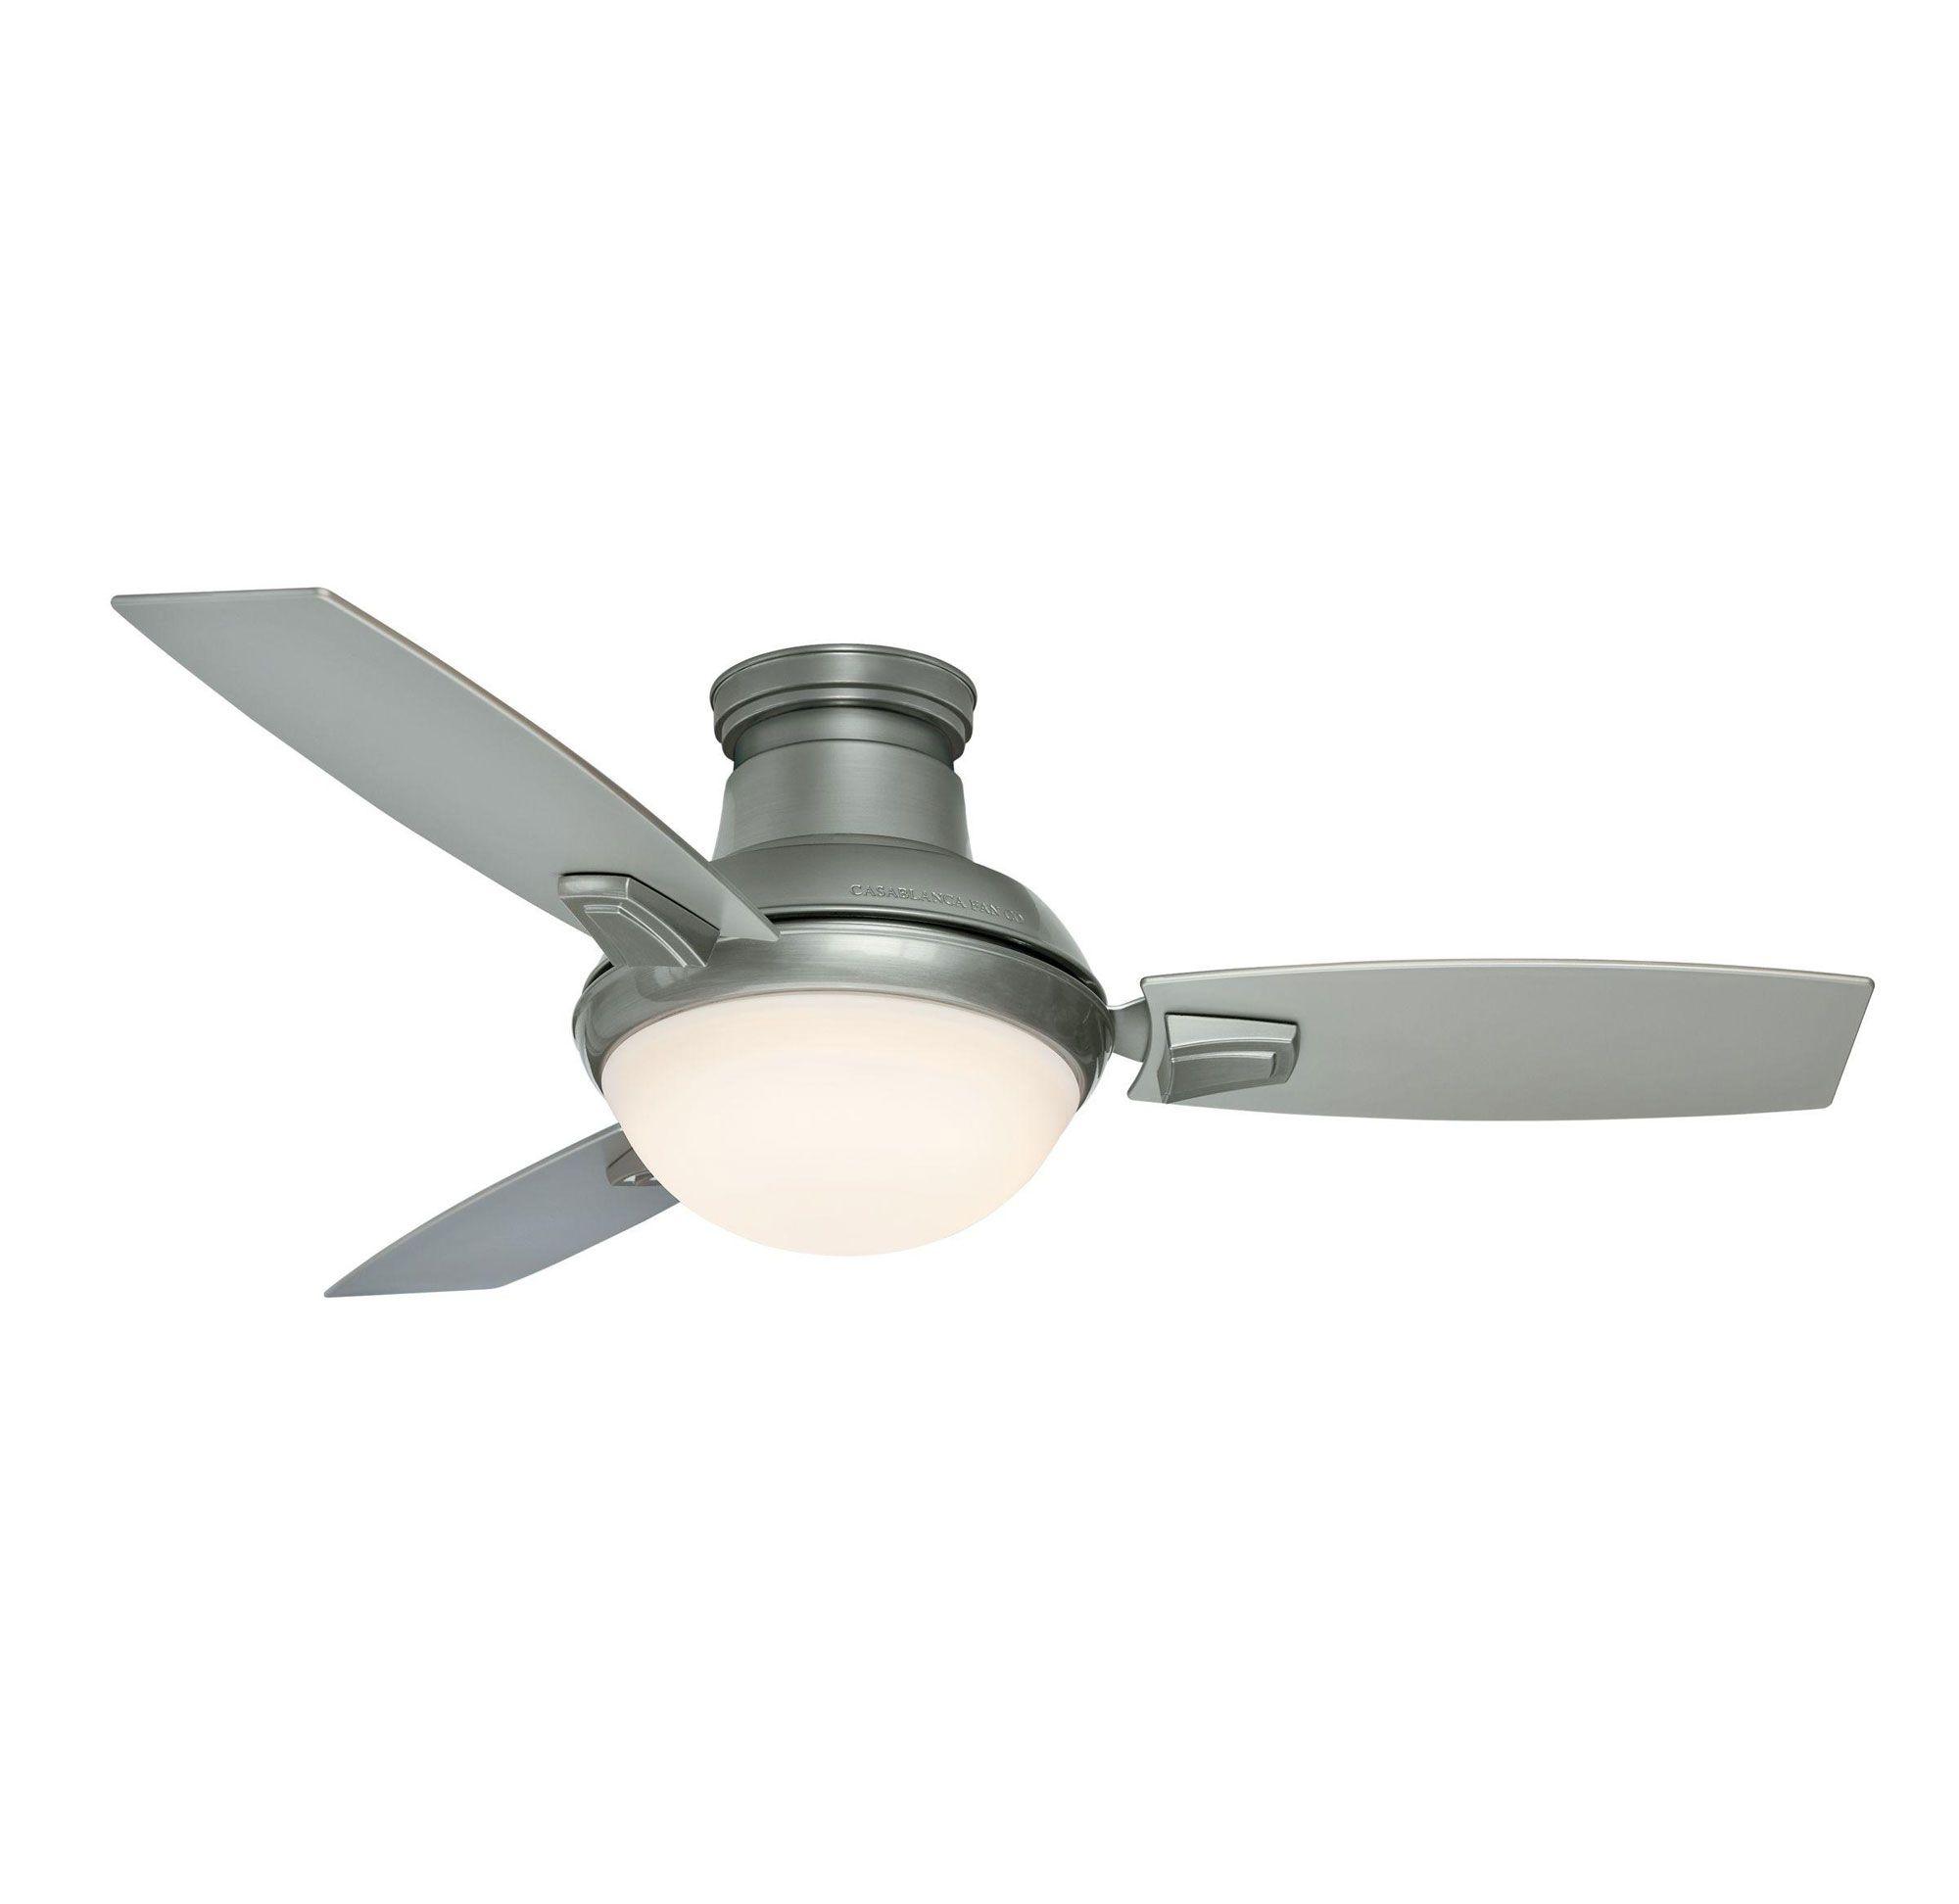 Verse 44 Inch Led Ceiling Fan By Casablanca Fan Cas 59155 Ceiling Fan With Light Ceiling Fan Led Ceiling Fan